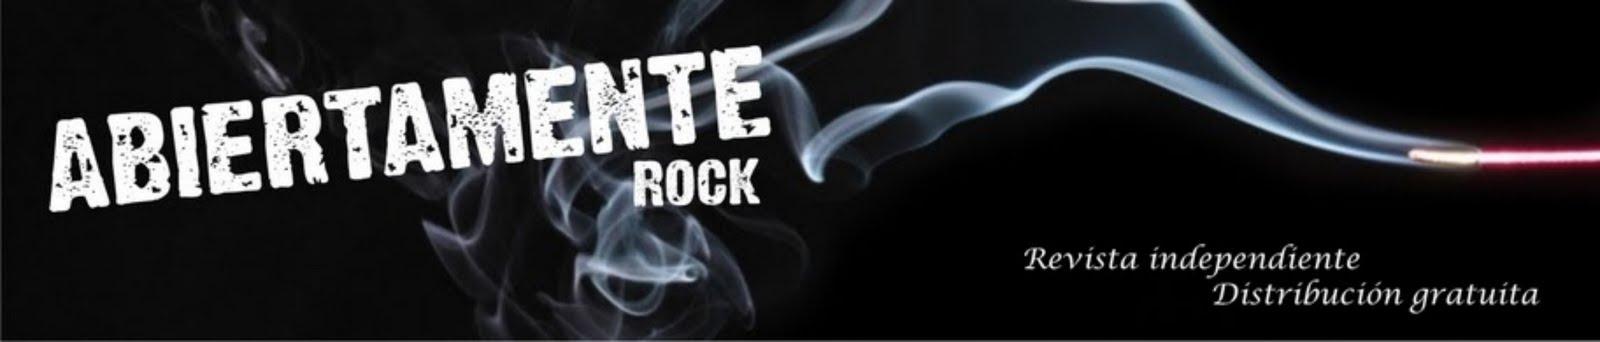 ABIERTAMENTE ROCK